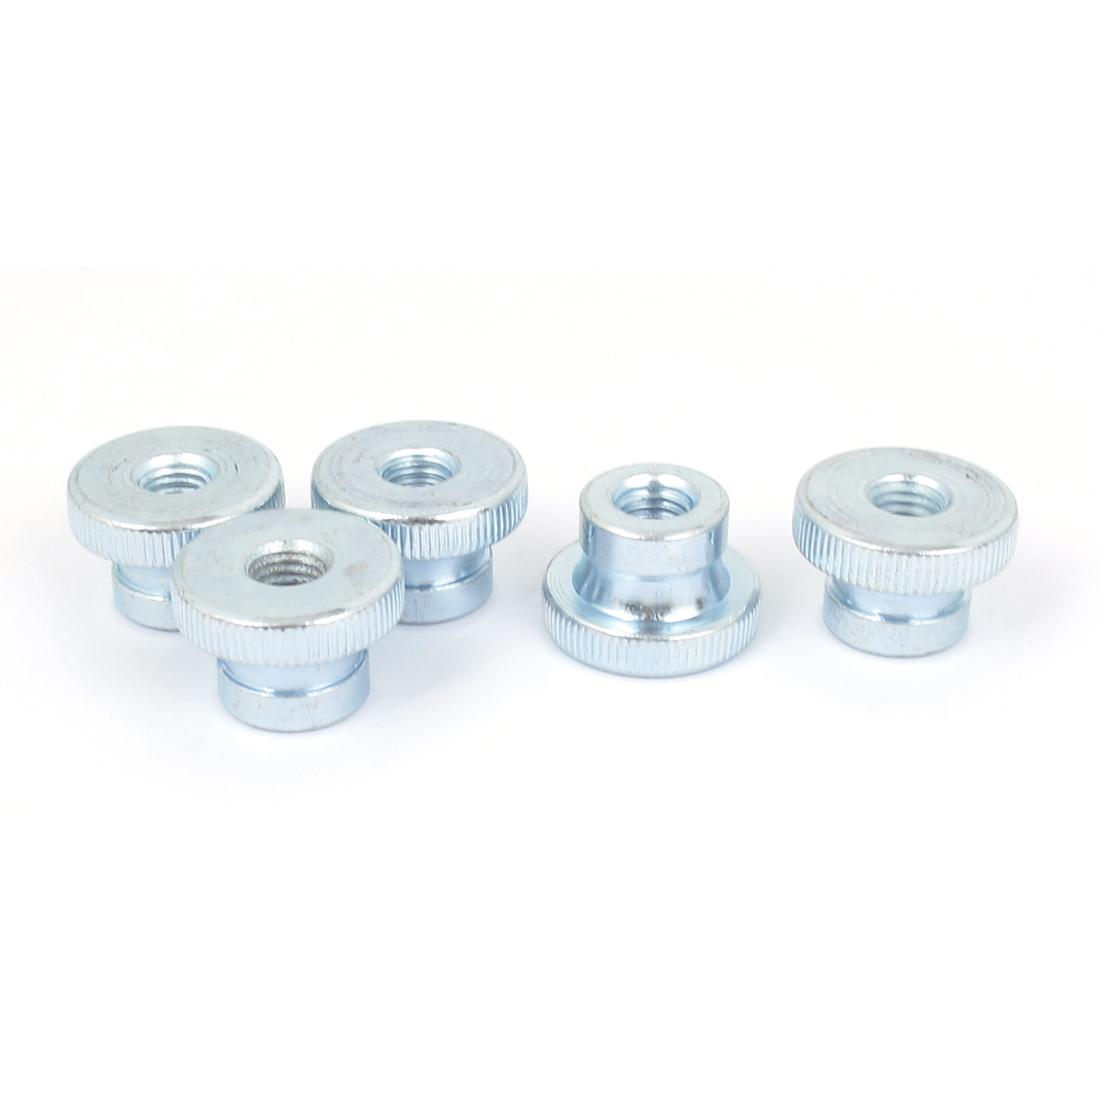 Metal Knurled Head Thumb Nut Fastener Silver Tone M8 5 Pcs